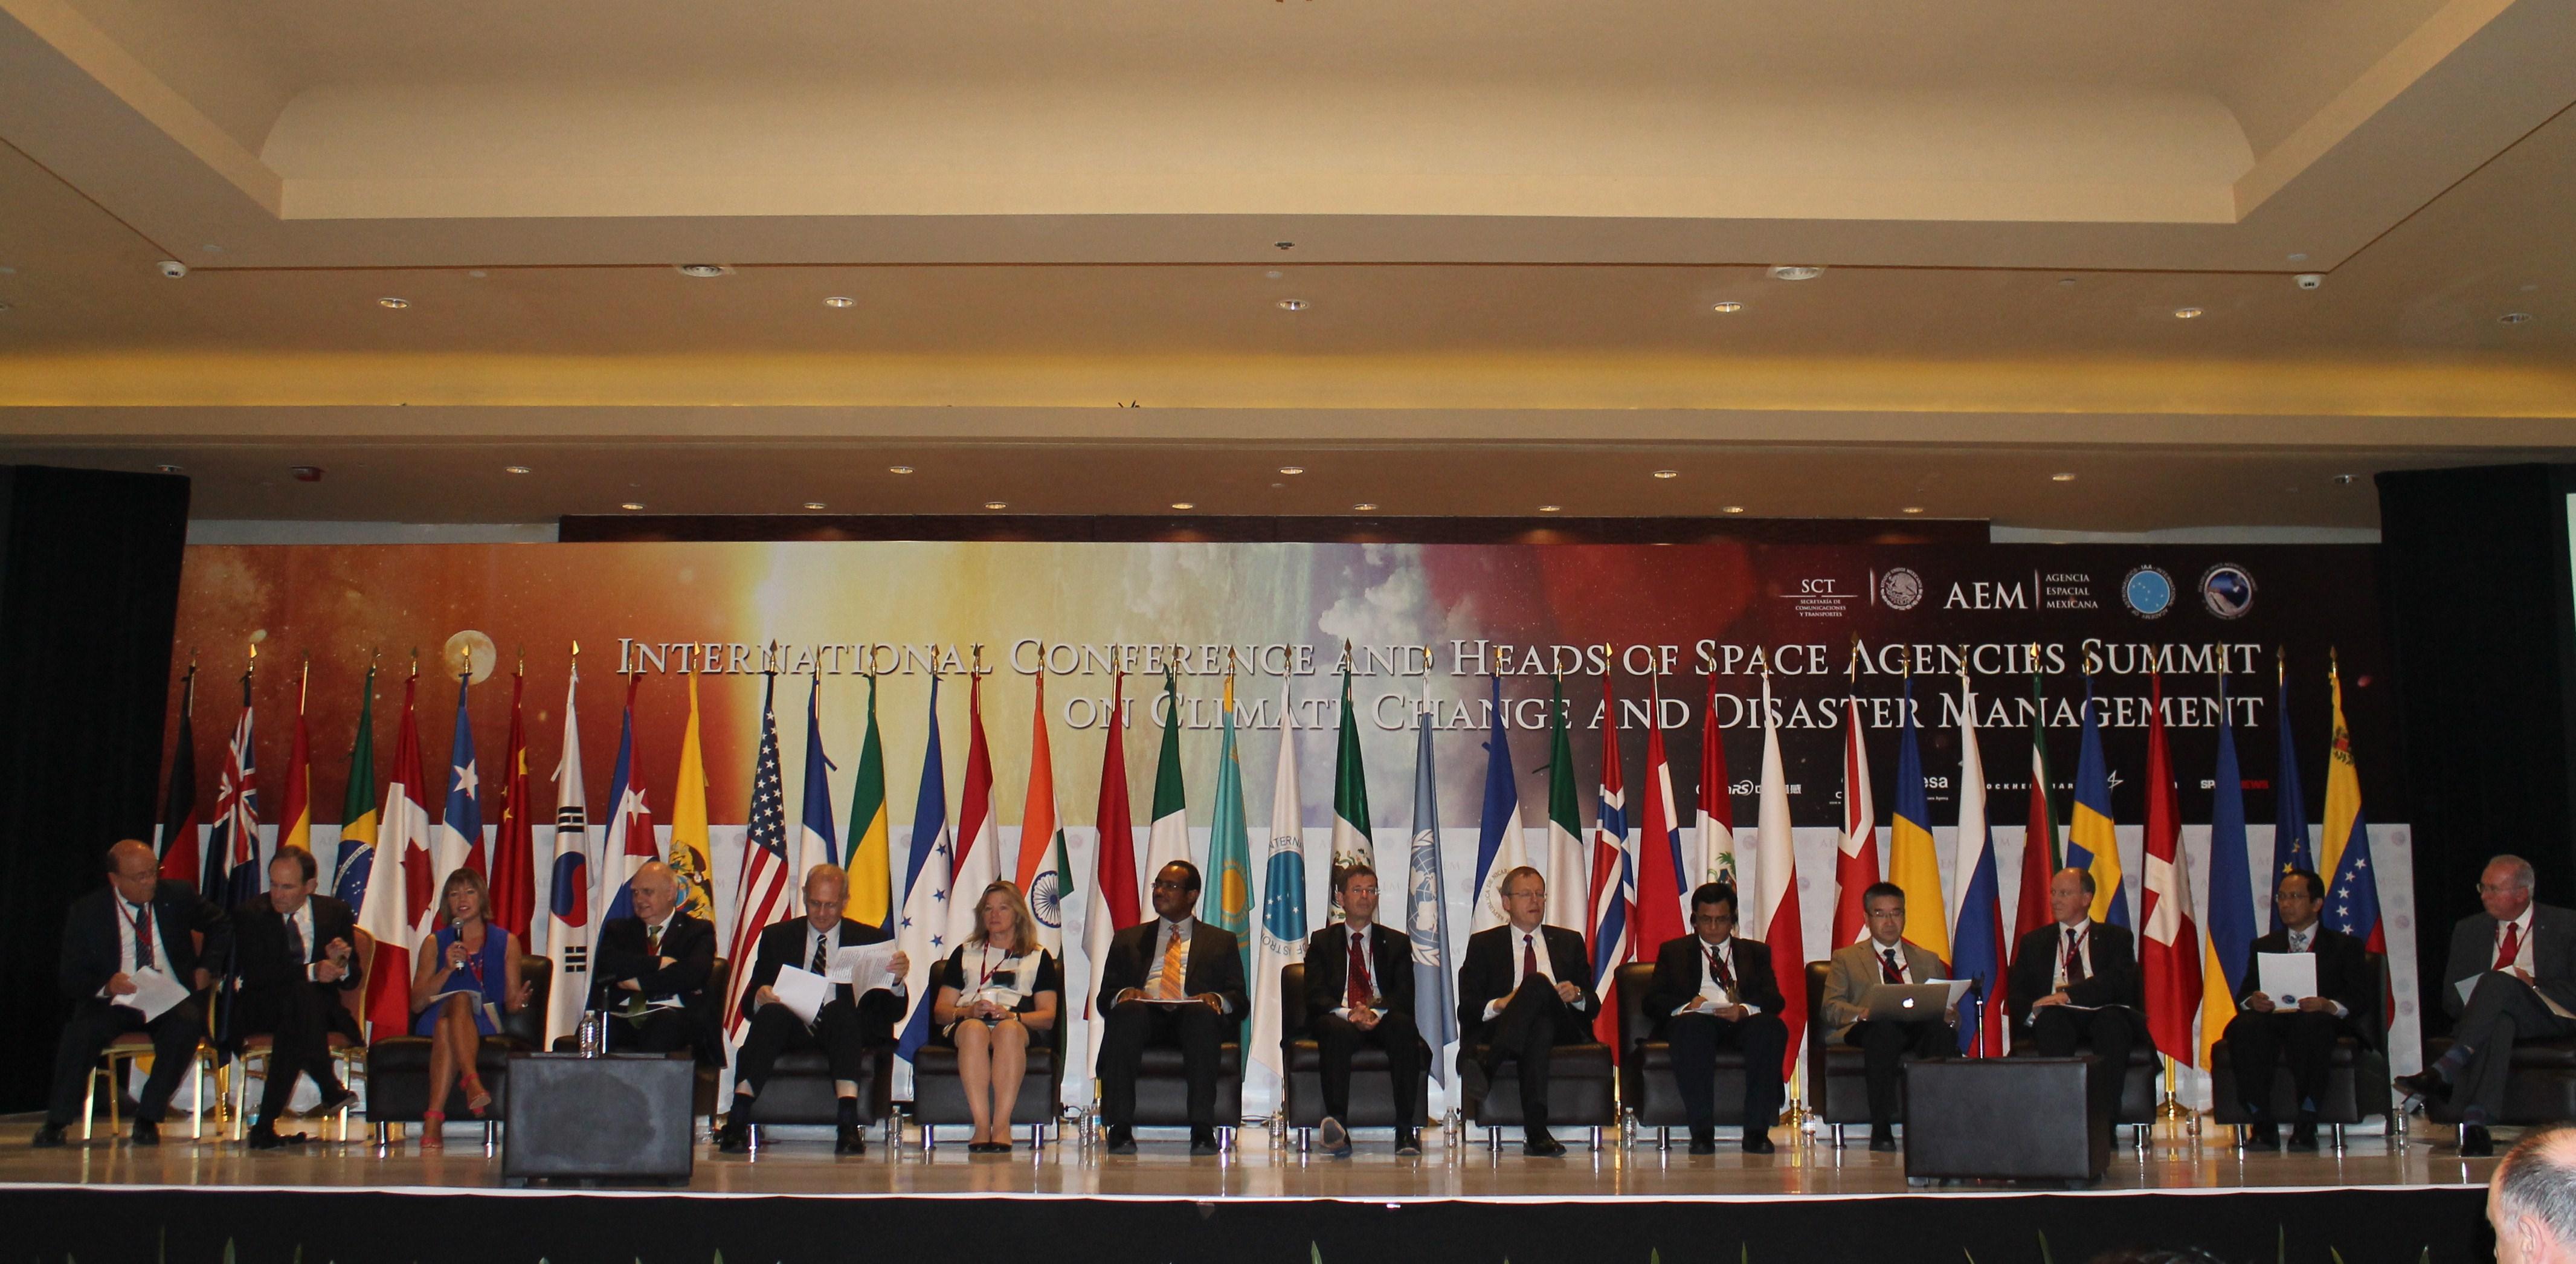 Jefes de Agencias Espaciales de todo el mundo